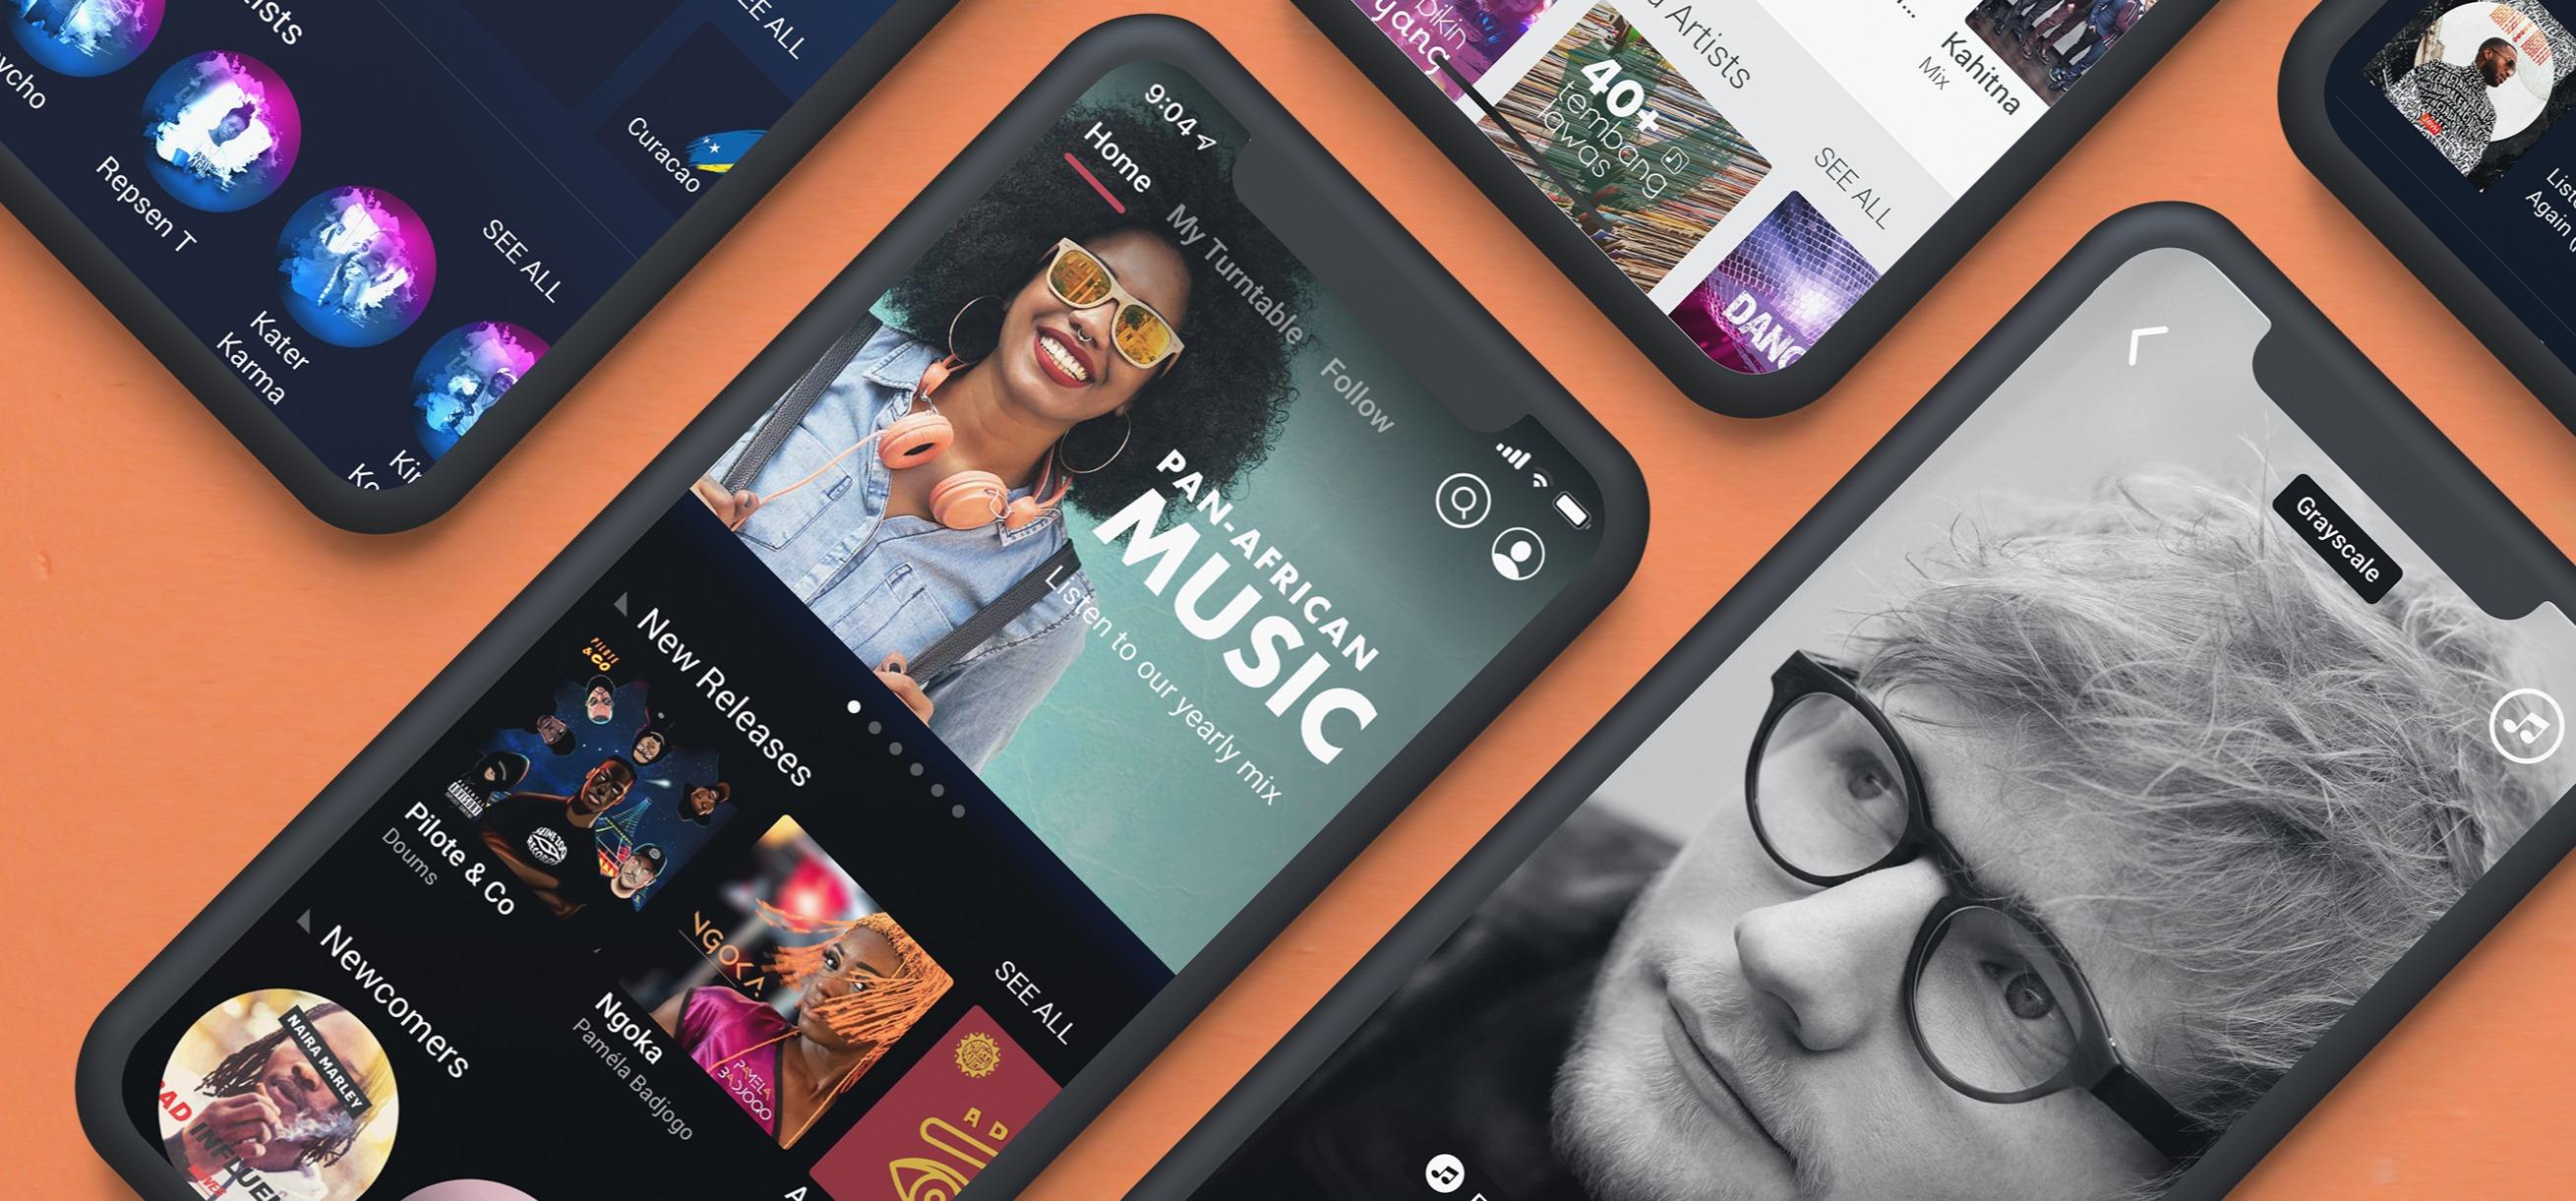 Con_Raso_TunedGlobal_01_apps3-2